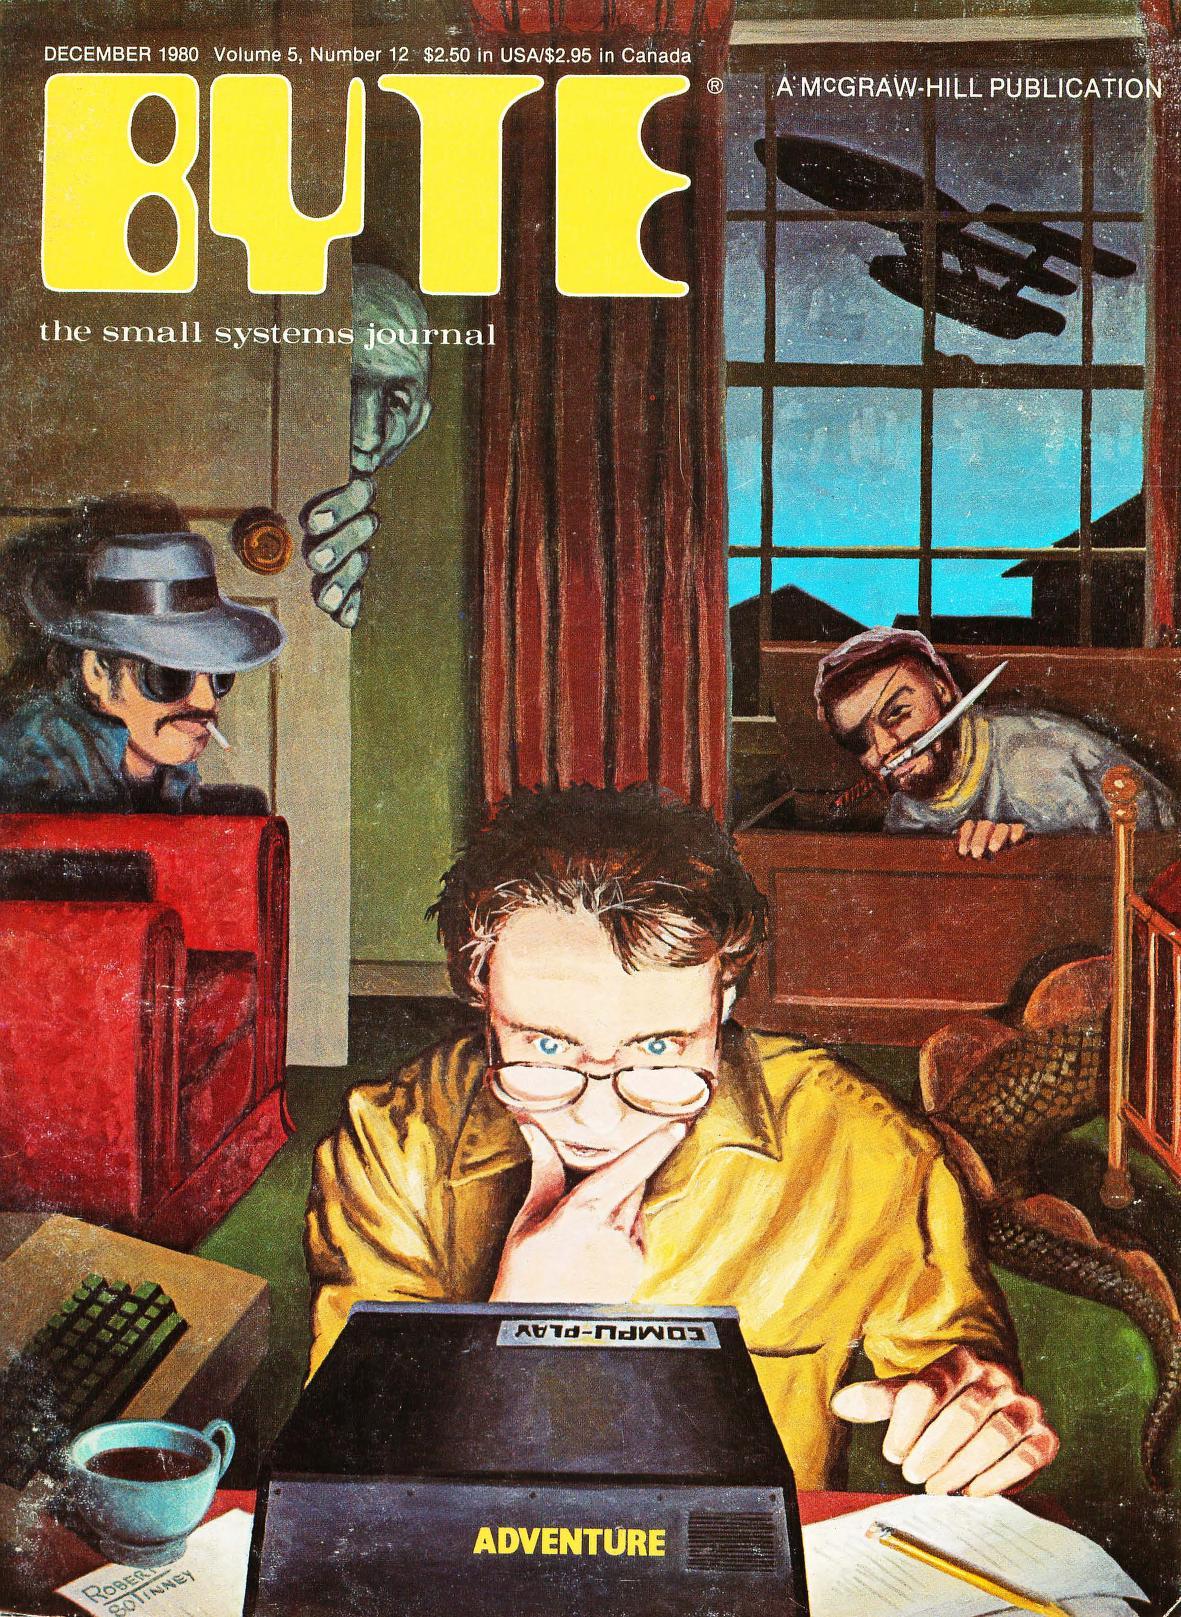 Desember 1980. Malt av Robert Tinney. Dataspill er temaet denne gangen, med en artikkel om Pirate Adventure skrevet av Scott Adams. Her ble hele spillkoden presentert, og denne artikkelen var med å gjøre det mulig for tusenvis av mennesker å lage sine egne teksteventyrspill på datamaskinen. Bladet inneholder også en artikkel om flerspiller via nettverk.